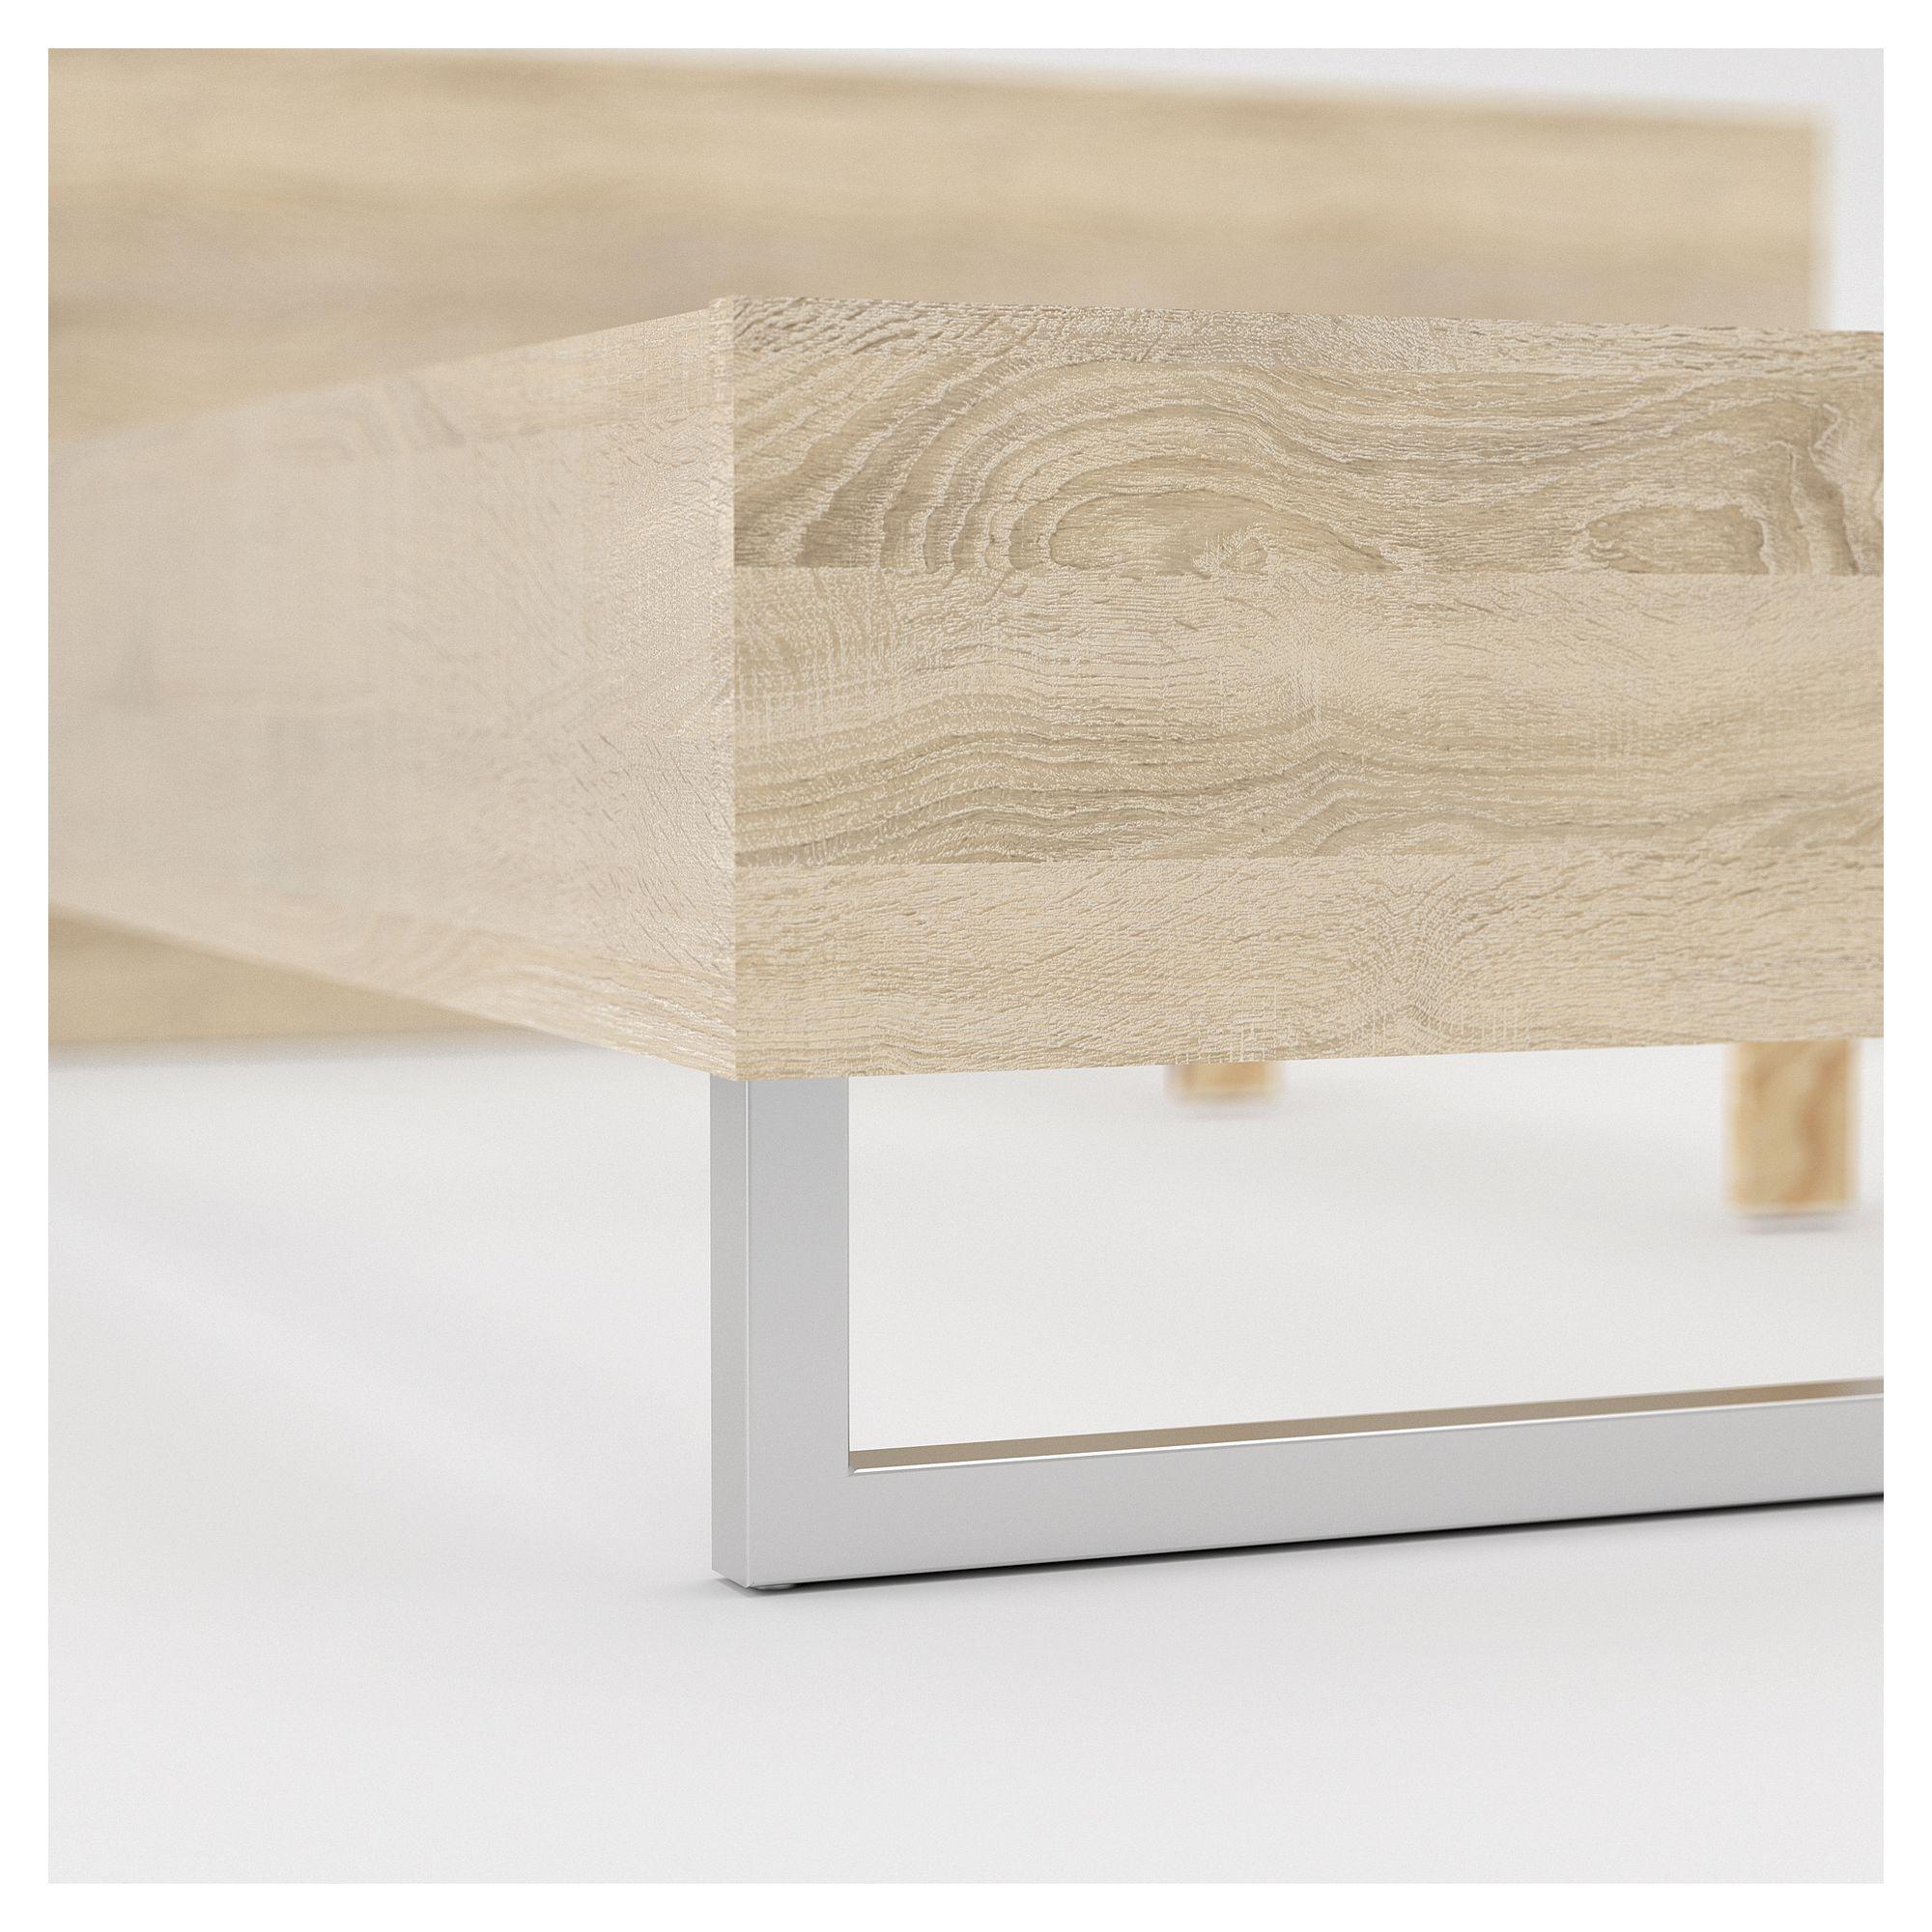 Style Sengeramme - Lys træ 140x200 - Seng i eg - 140x200 cm